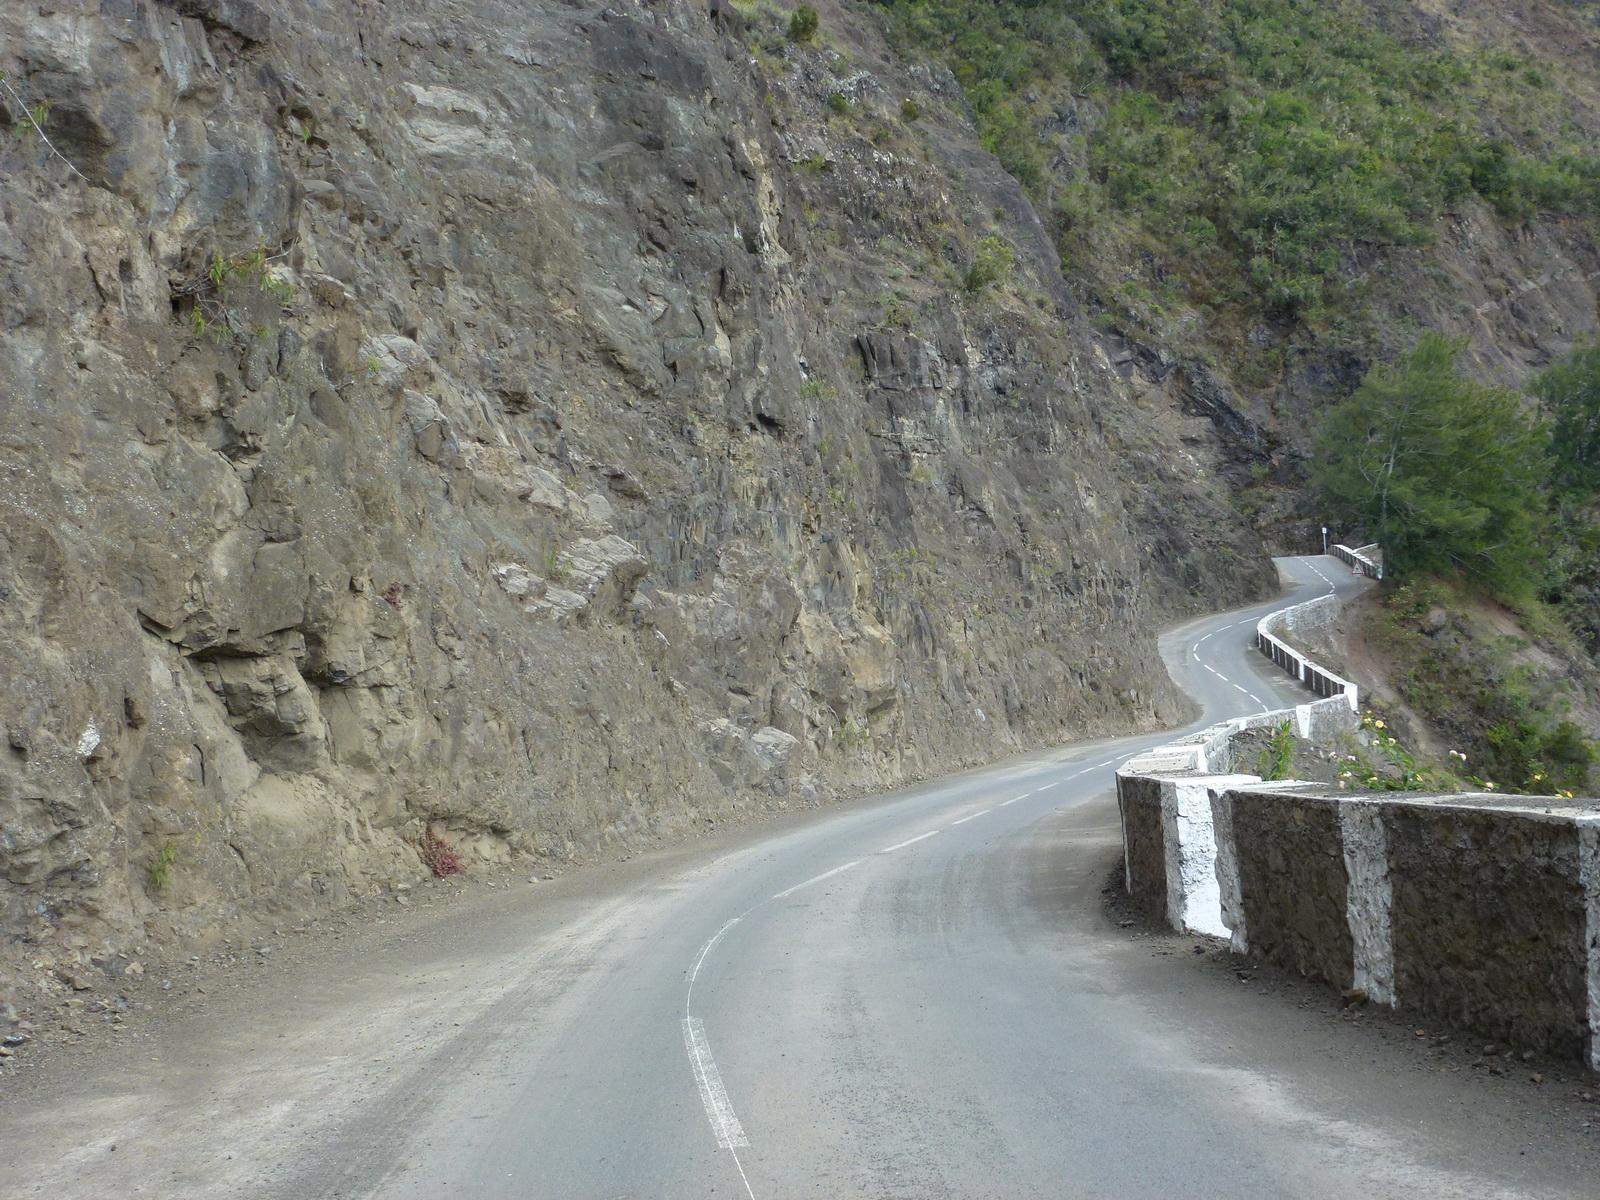 LA RÉUNION : la route de Cilaos, dite route aux 400 virages 442469P1030395